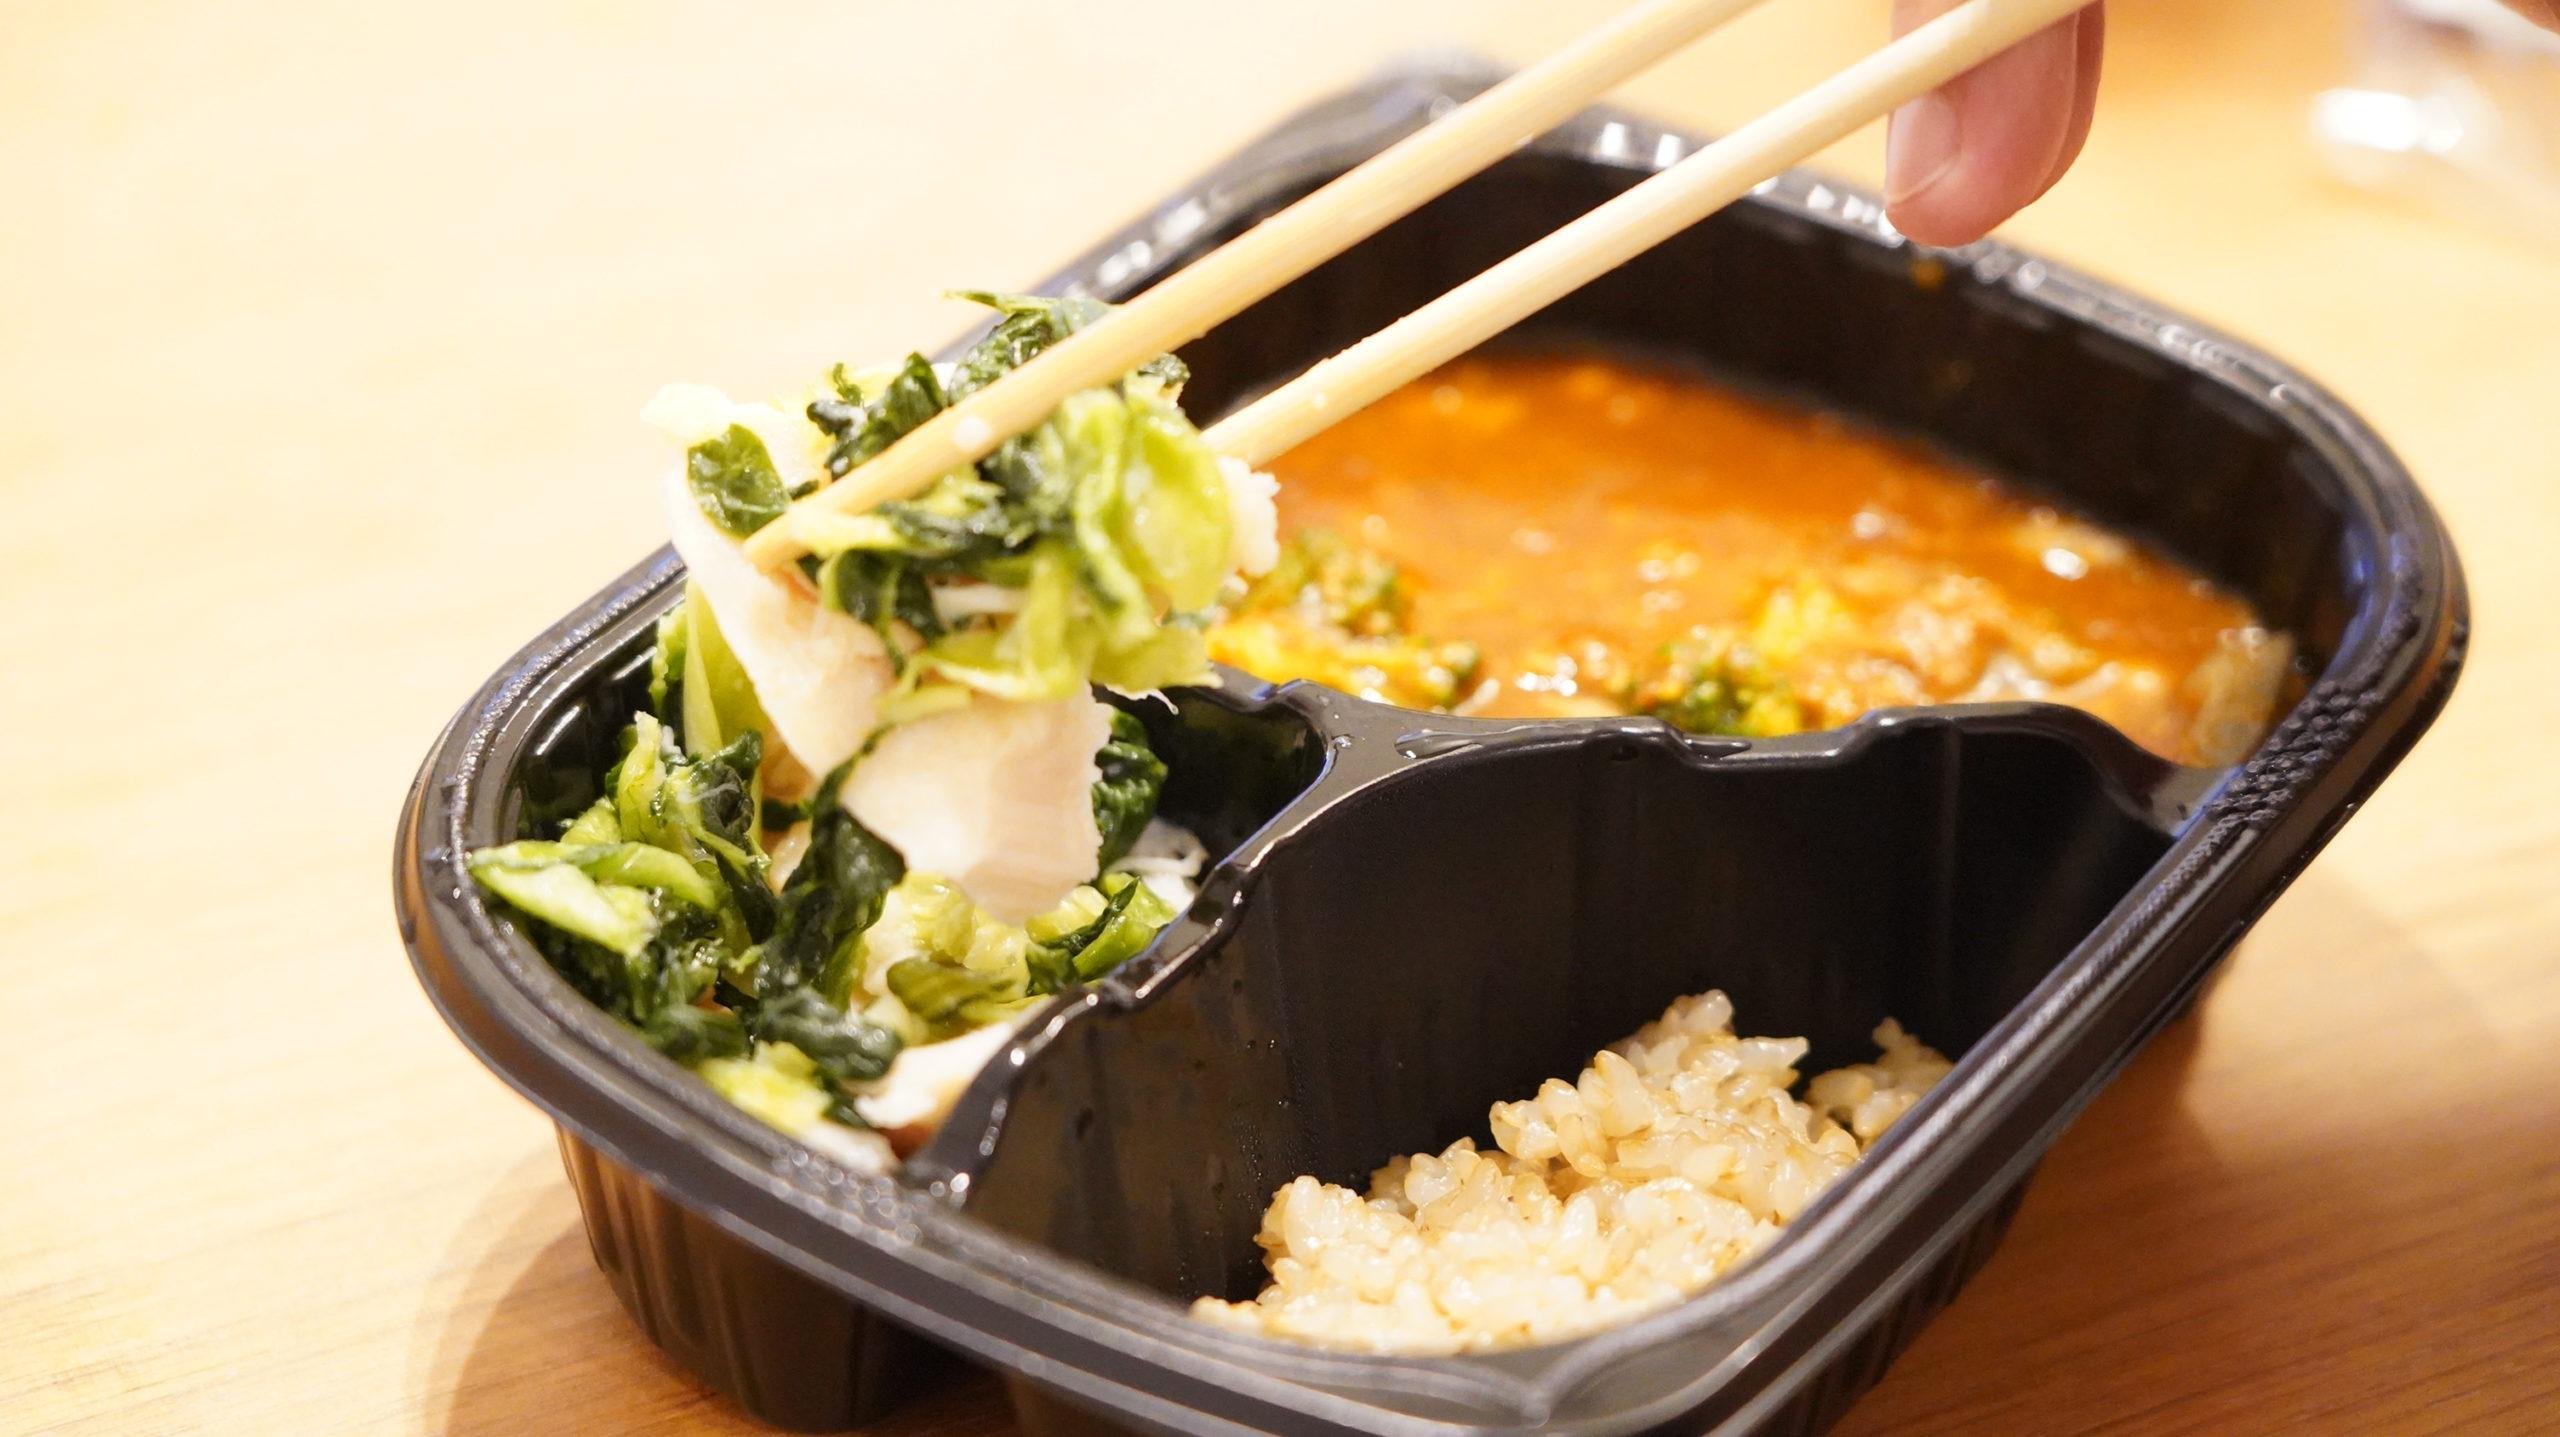 マッスルデリ(Muscle Deli)のブロッコリーチキンカレーセットの野菜の写真